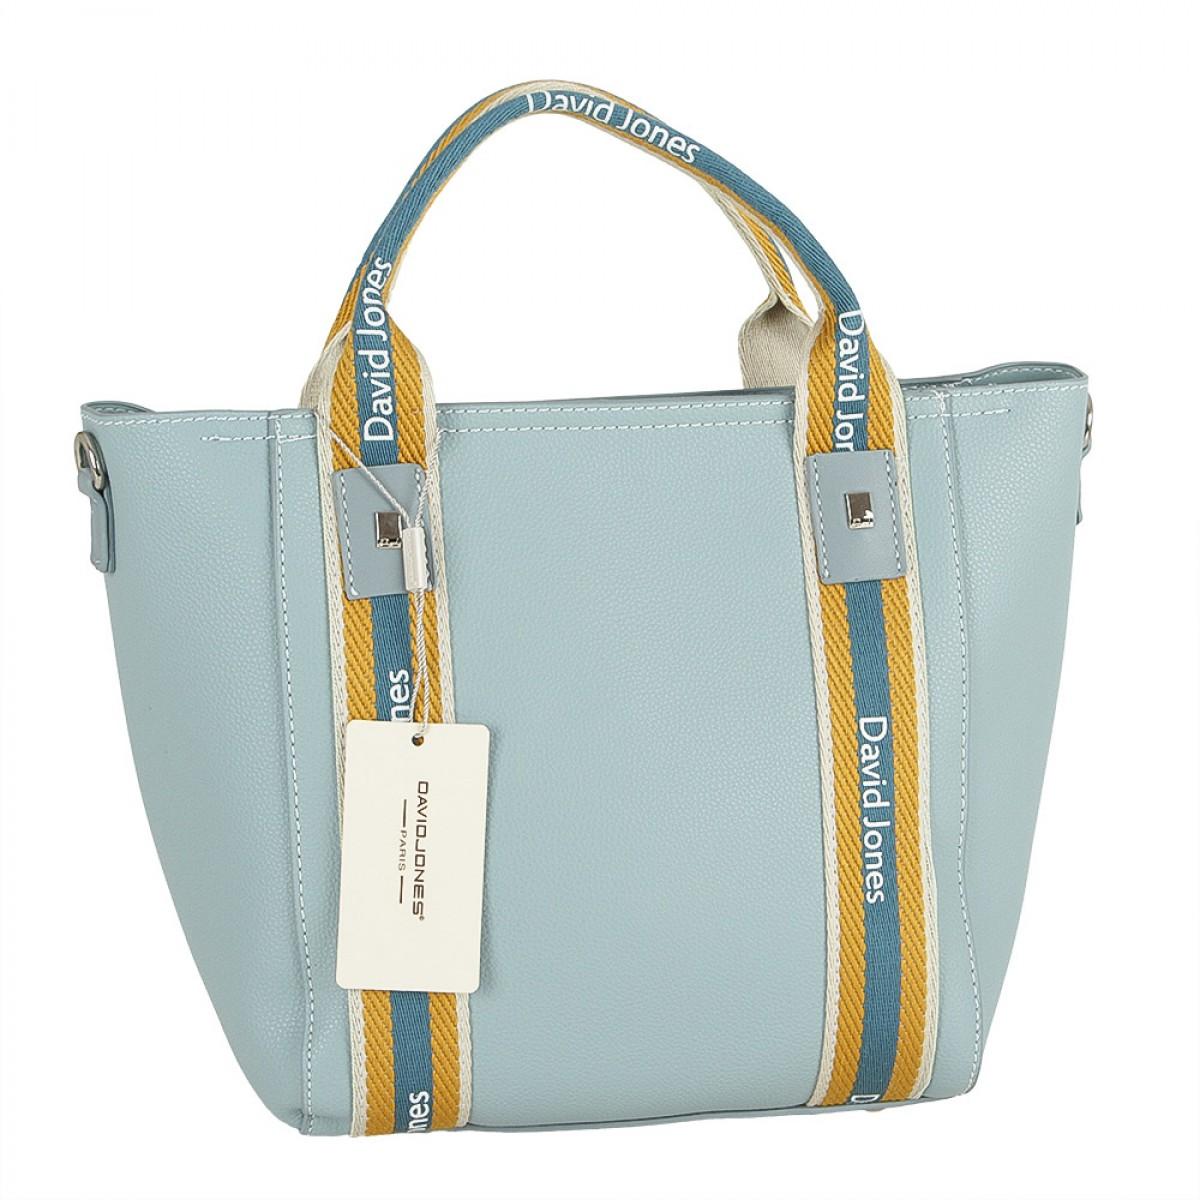 Жіноча сумка David Jones 5933-2 L.BLUE